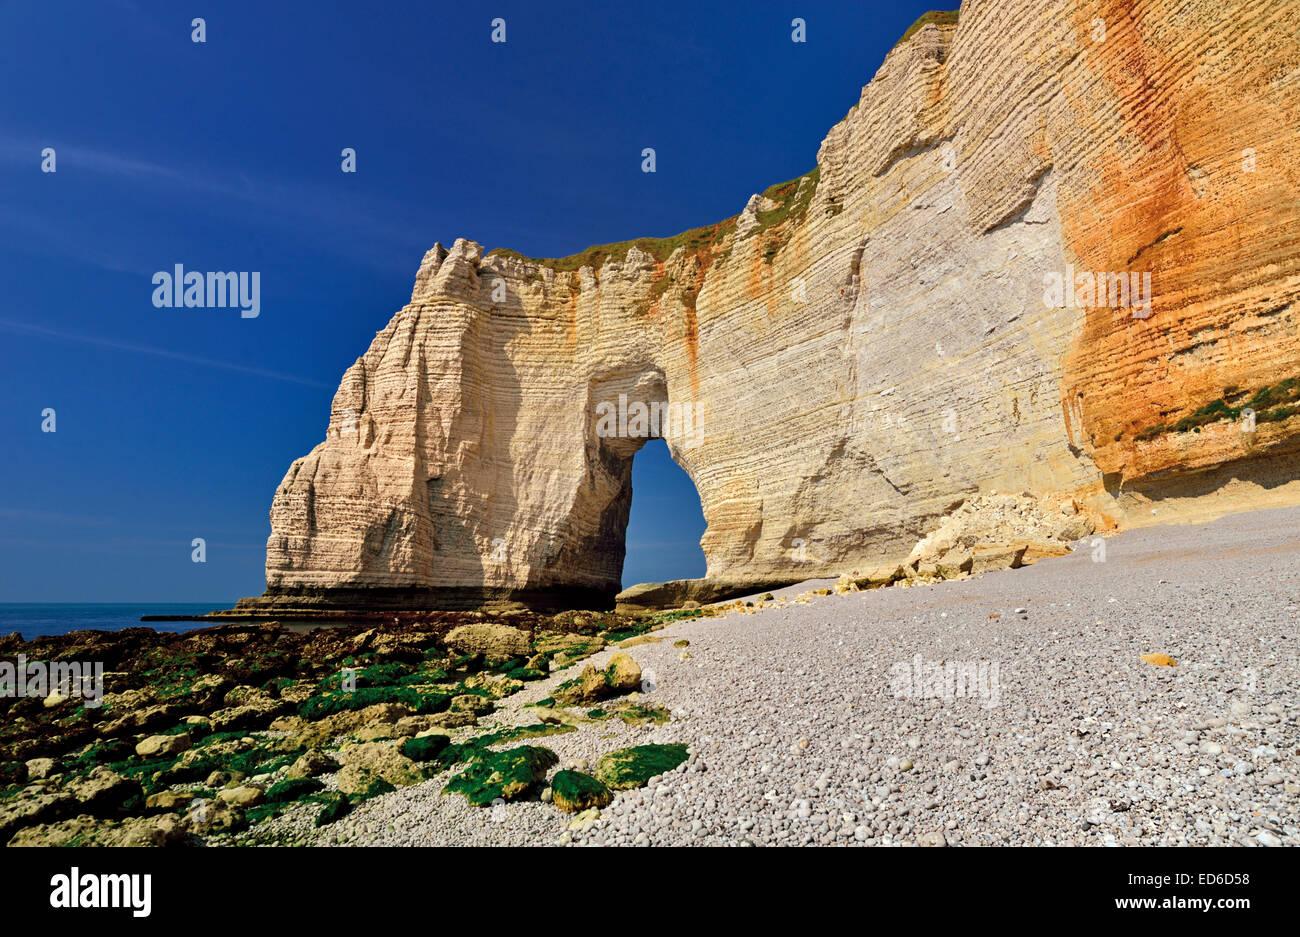 Francia, Normandía: arco de roca y acantilados en playa Etretát Foto de stock